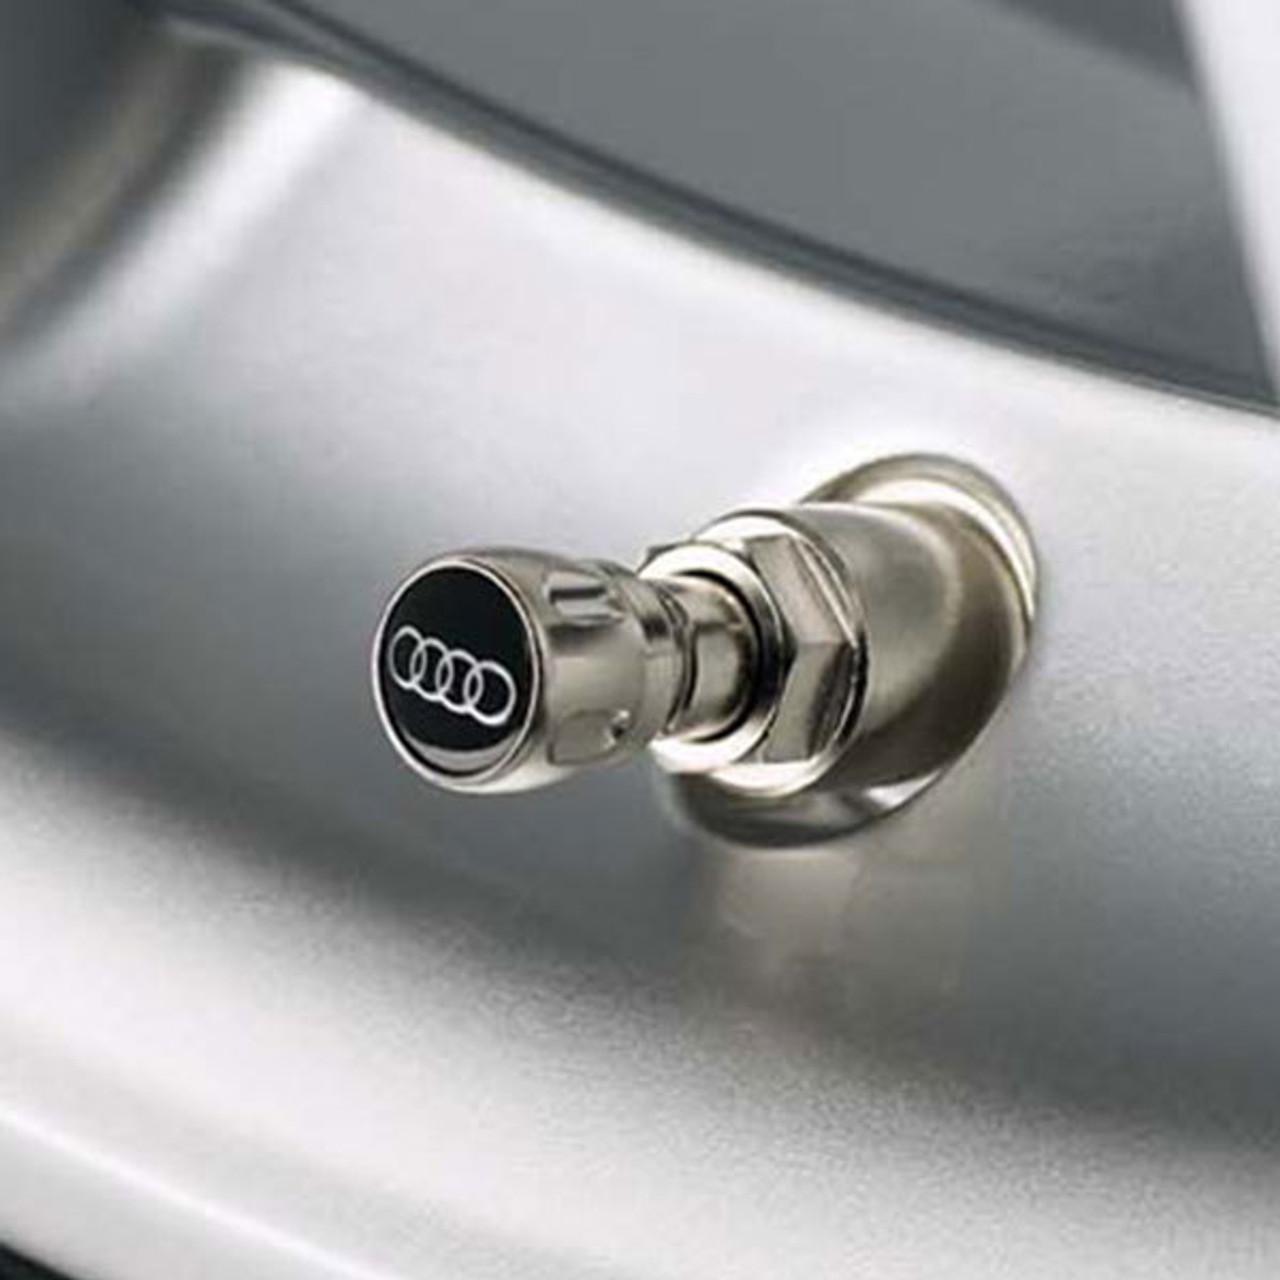 Audi Four Rings Valve Caps